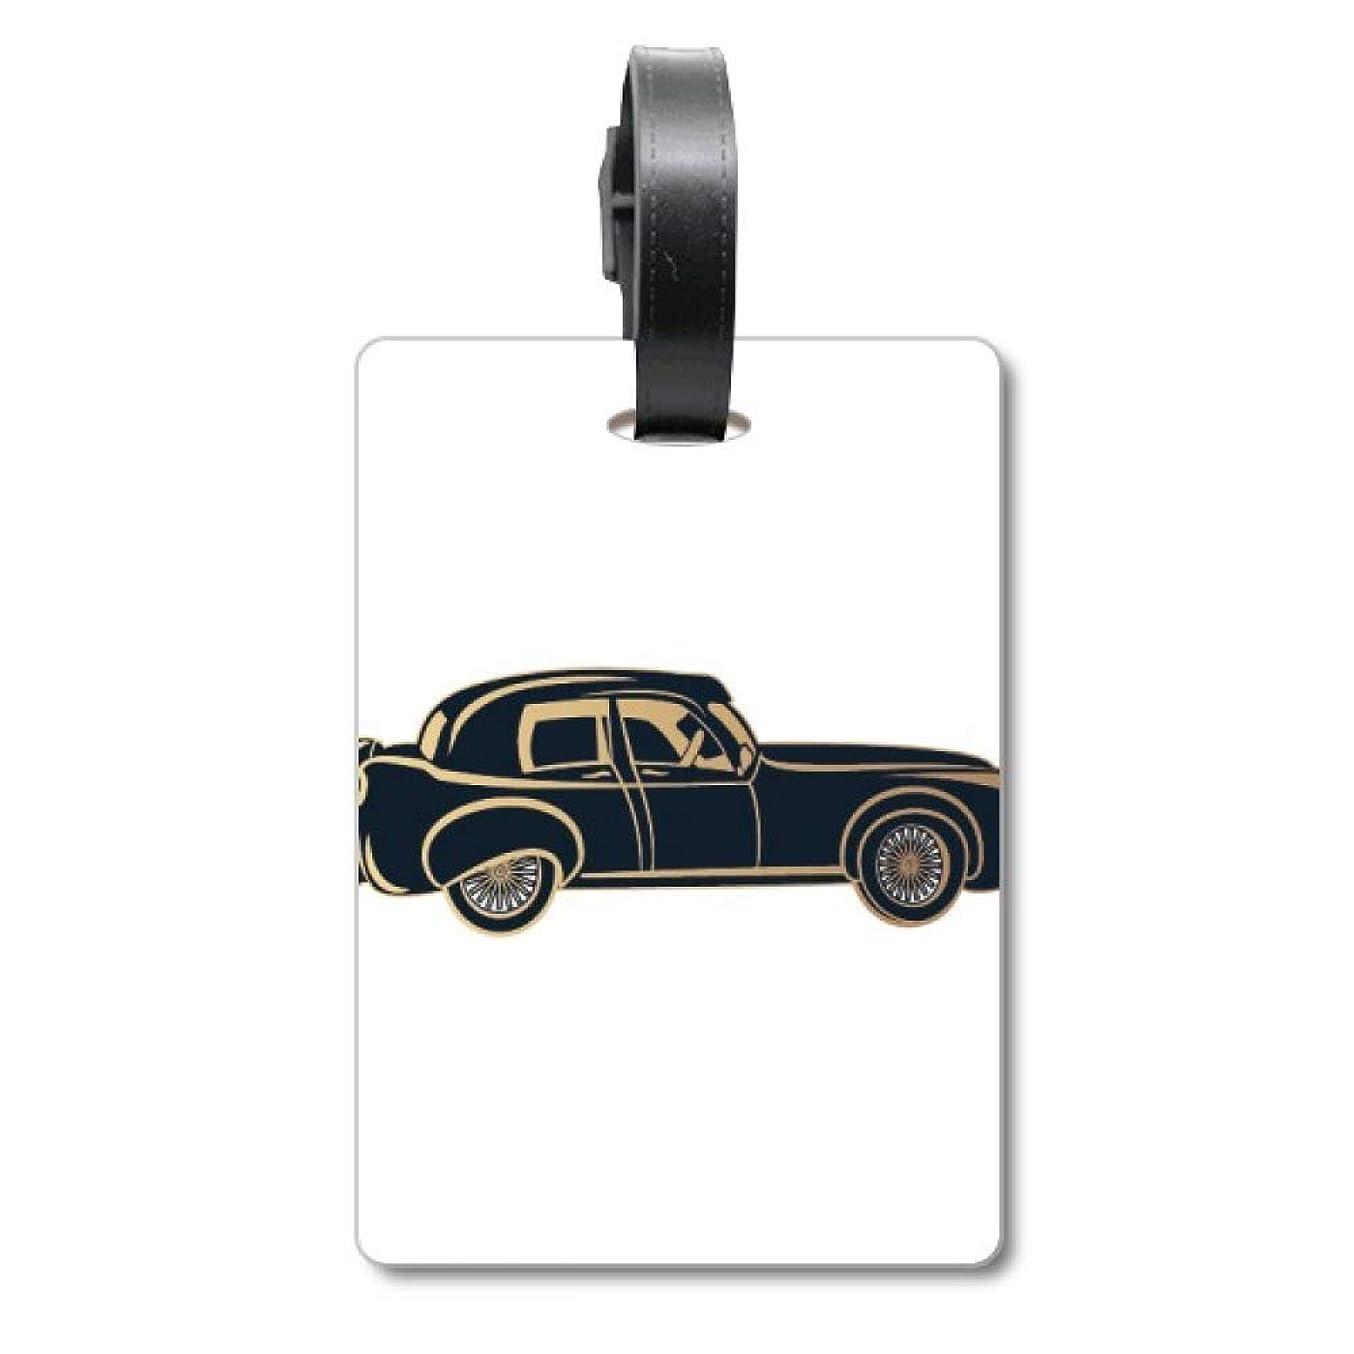 盟主聖なる兵士黒クラシックカーのパターンのシルエット 旅行カバンのタグ旅行者の識別標識